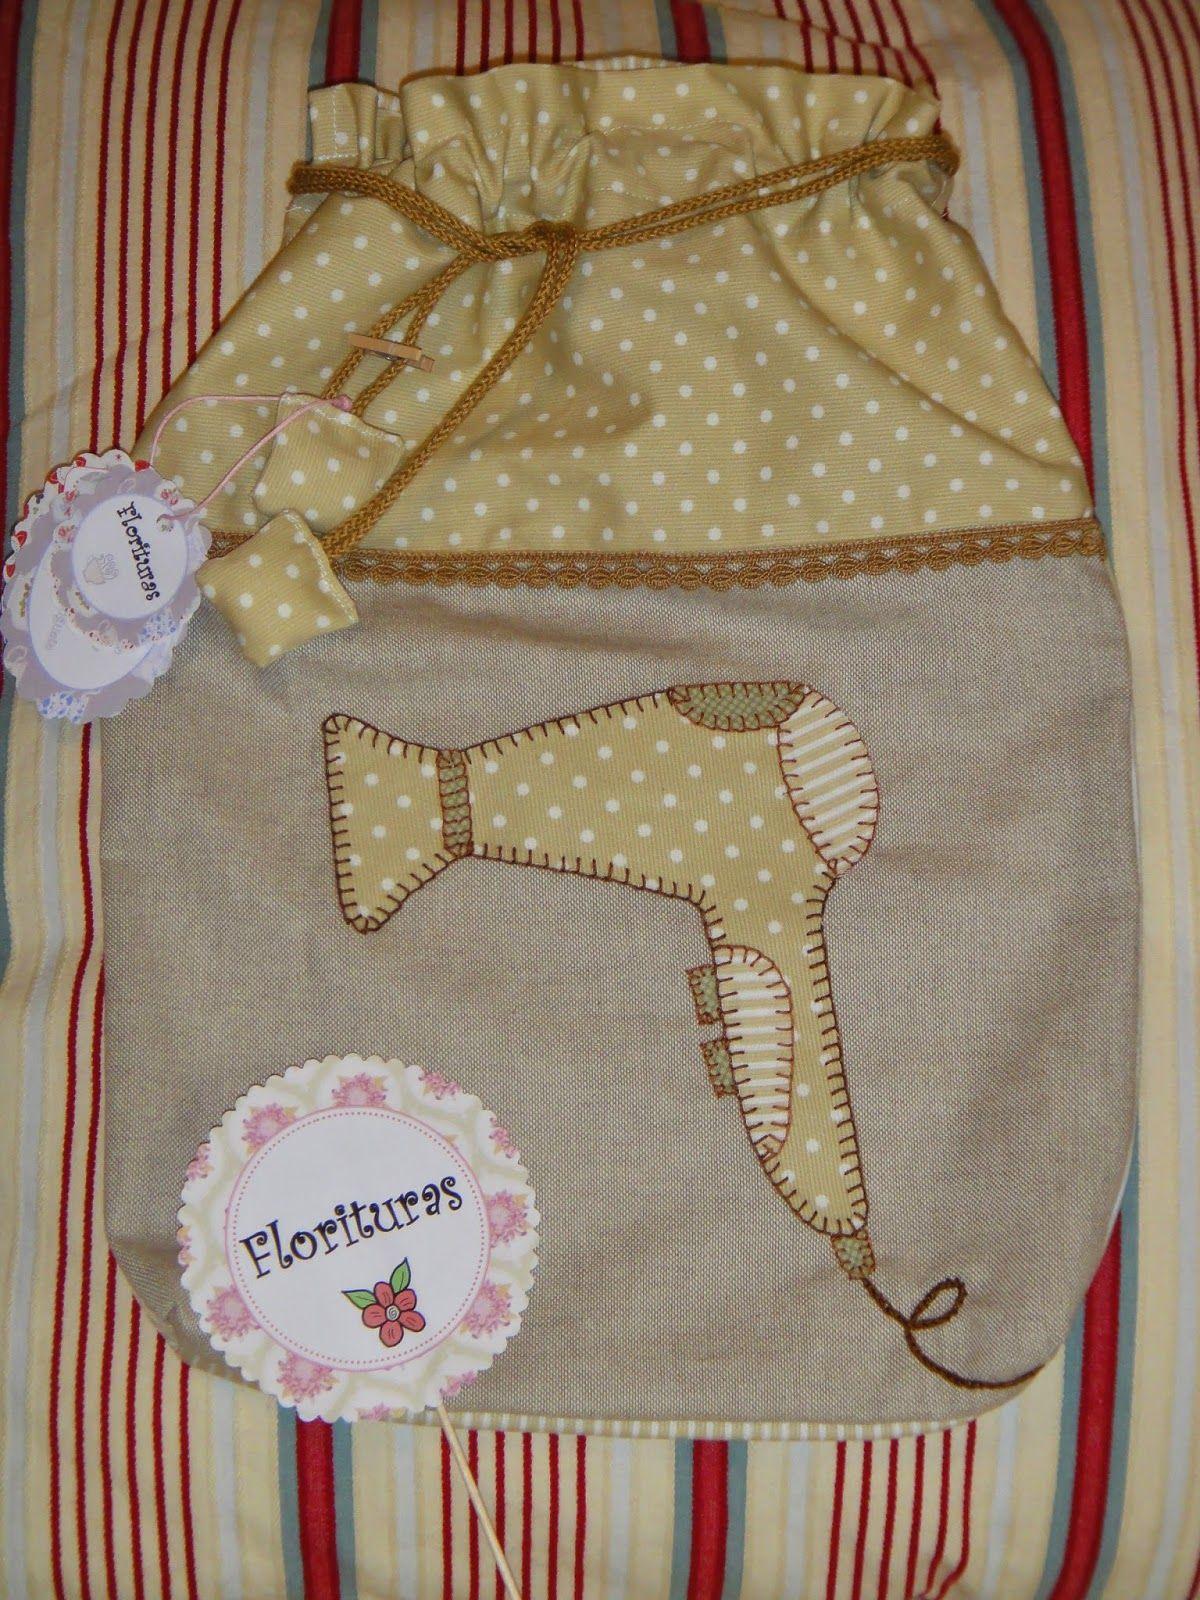 2e4653cde Precioso detalle para mamá. Regala algo personalizado y delicado, unas  bolsitas de tela para guardar la ropa interior, las zapatillas, medi.